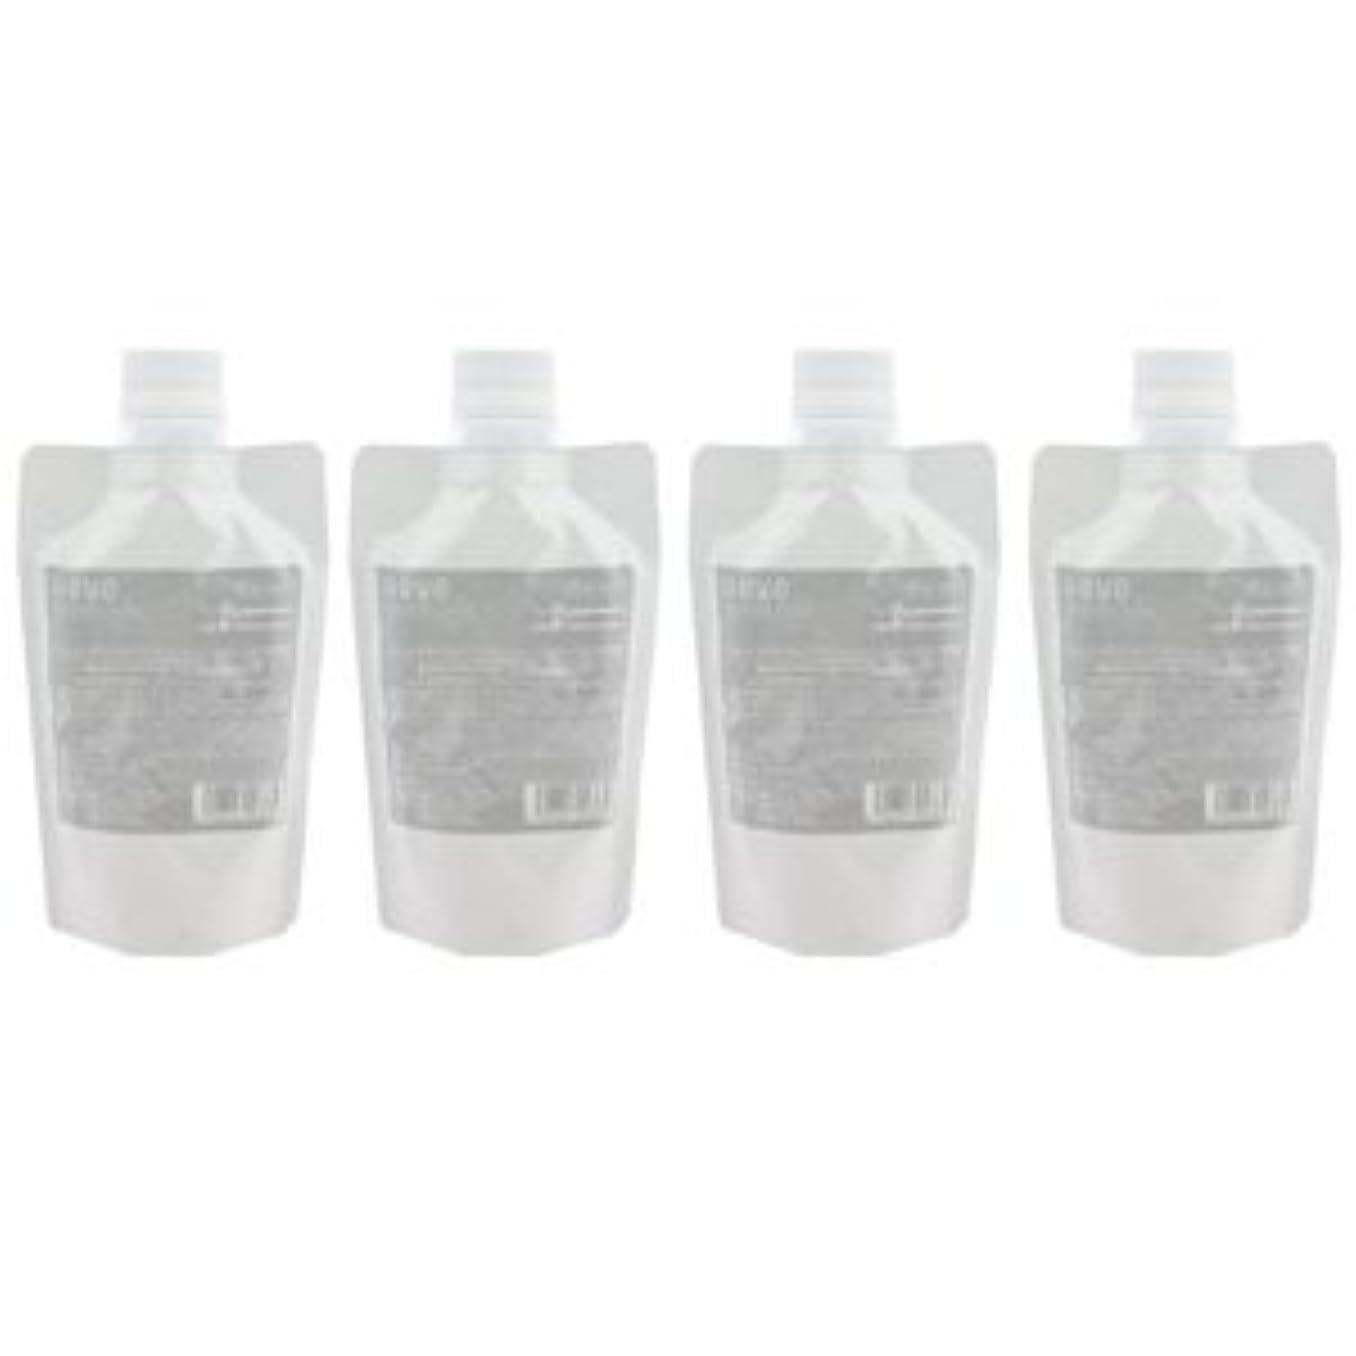 震える禁じる収入【X4個セット】 デミ ウェーボ デザインキューブ ドライワックス 200g 業務用 dry wax